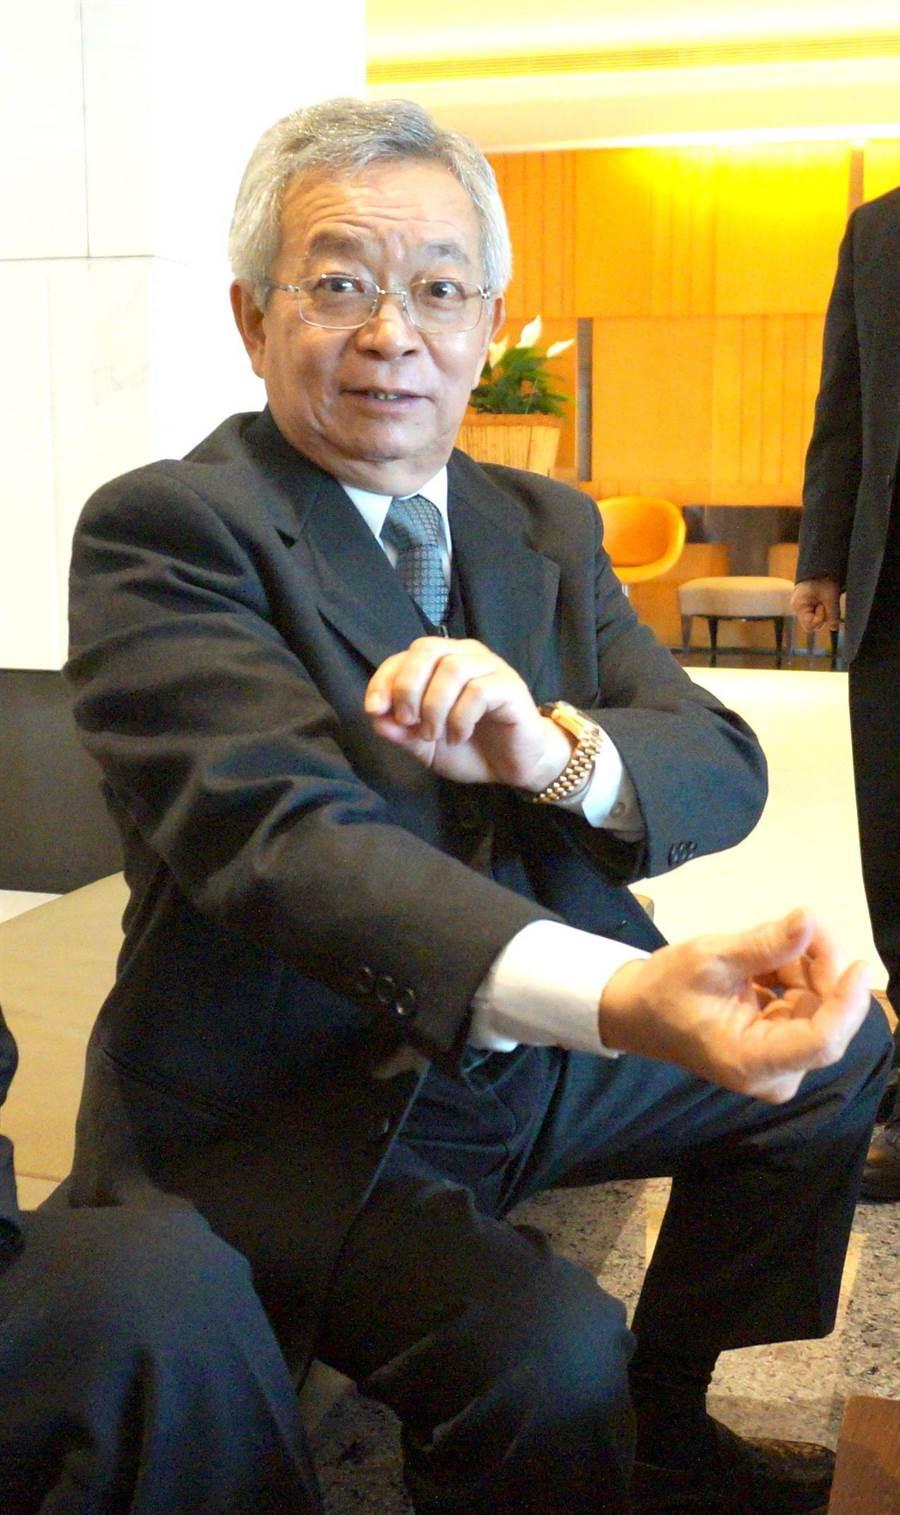 台灣科學工業園區科學工業同業公會理事長沈國榮對市長林佳龍重視中科園區企業的聲音,期待透過回饋共同成長。(盧金足攝)